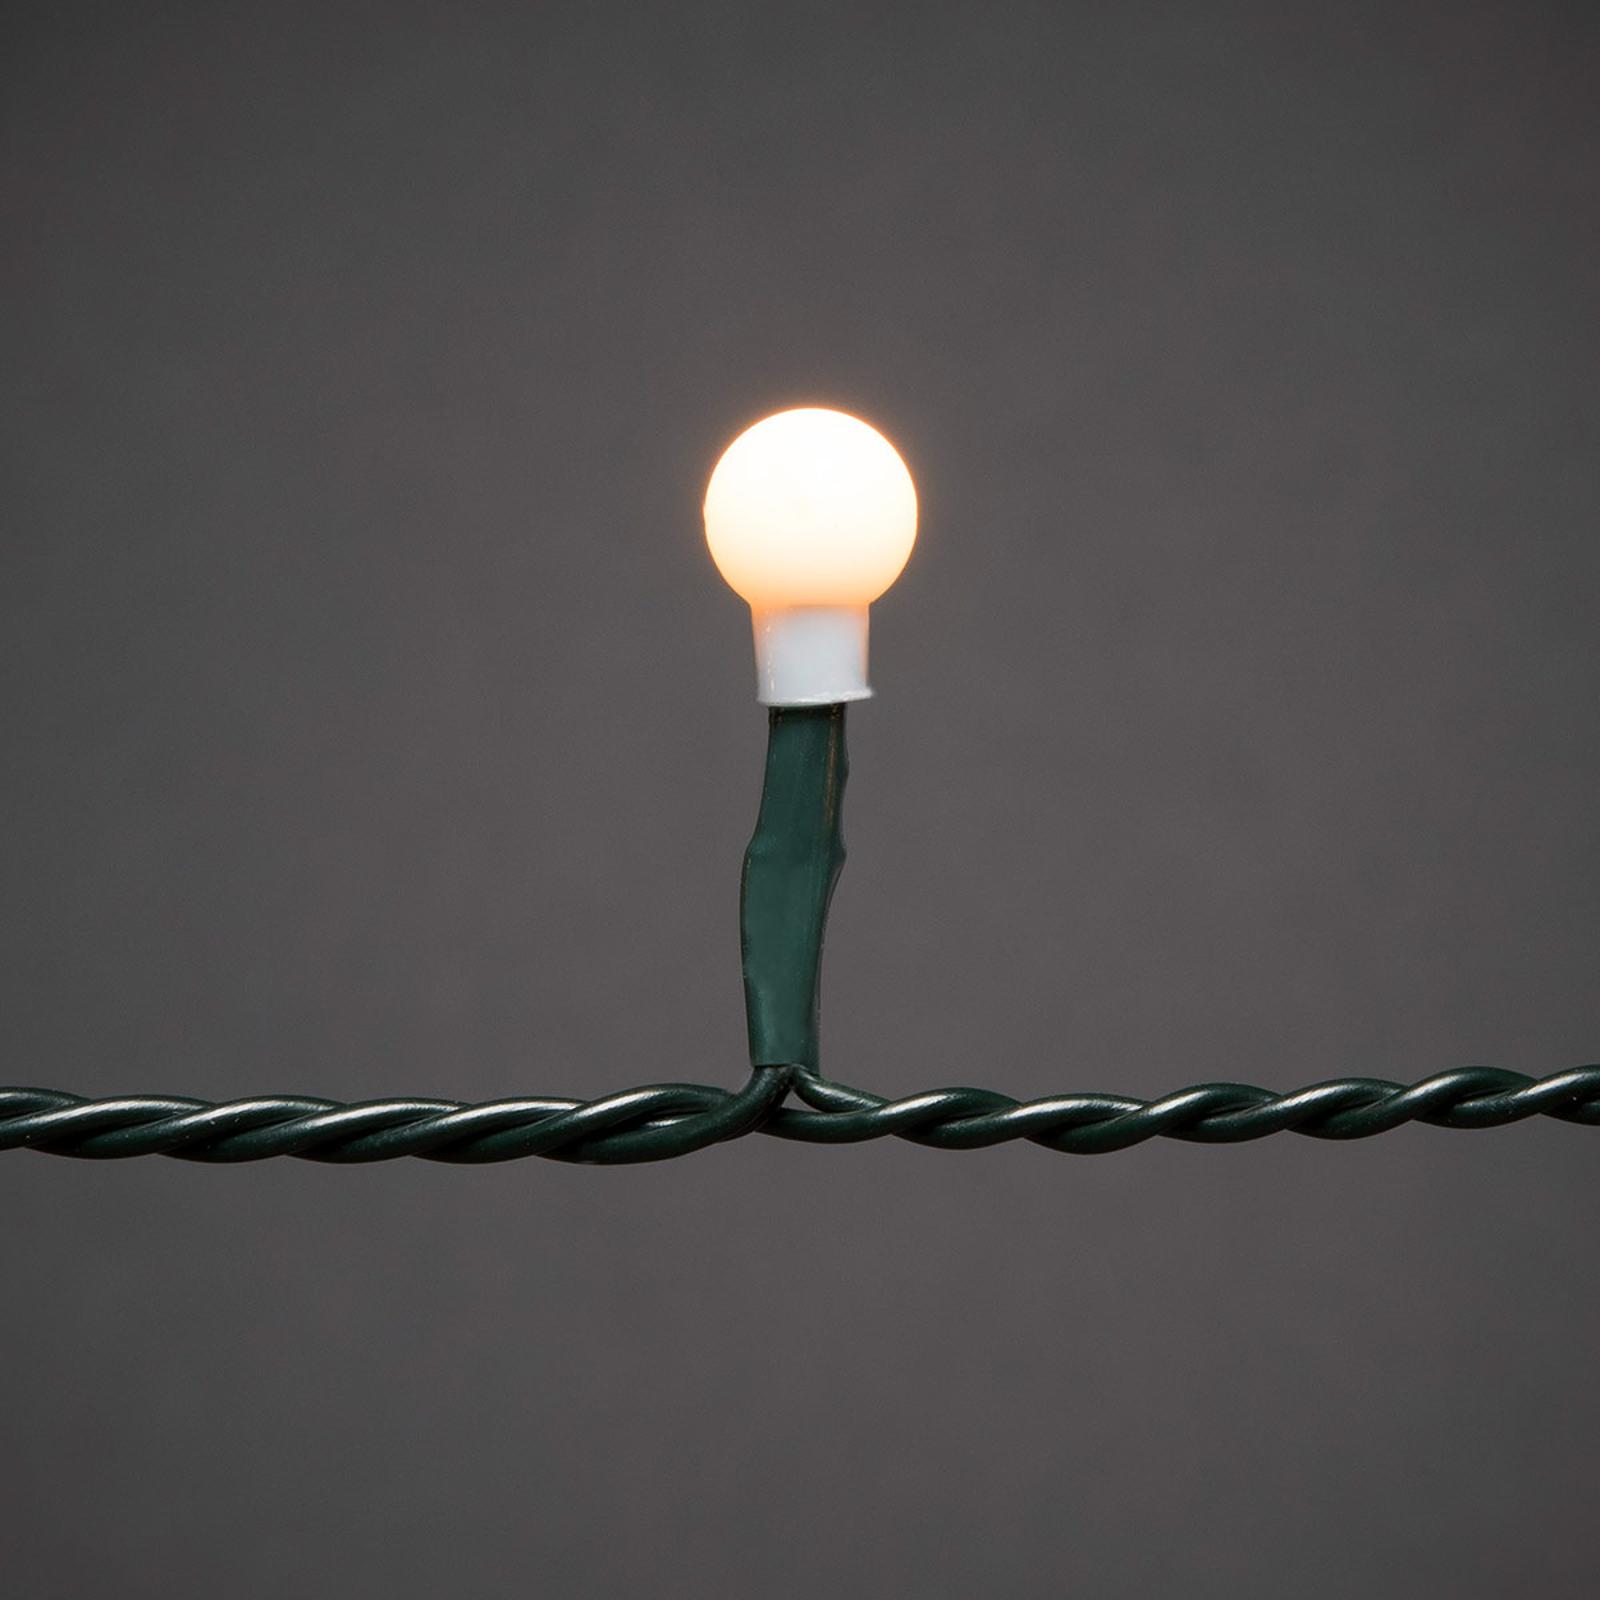 LED-valohuppu esiasen.karttapalloilla, 200-lampp.